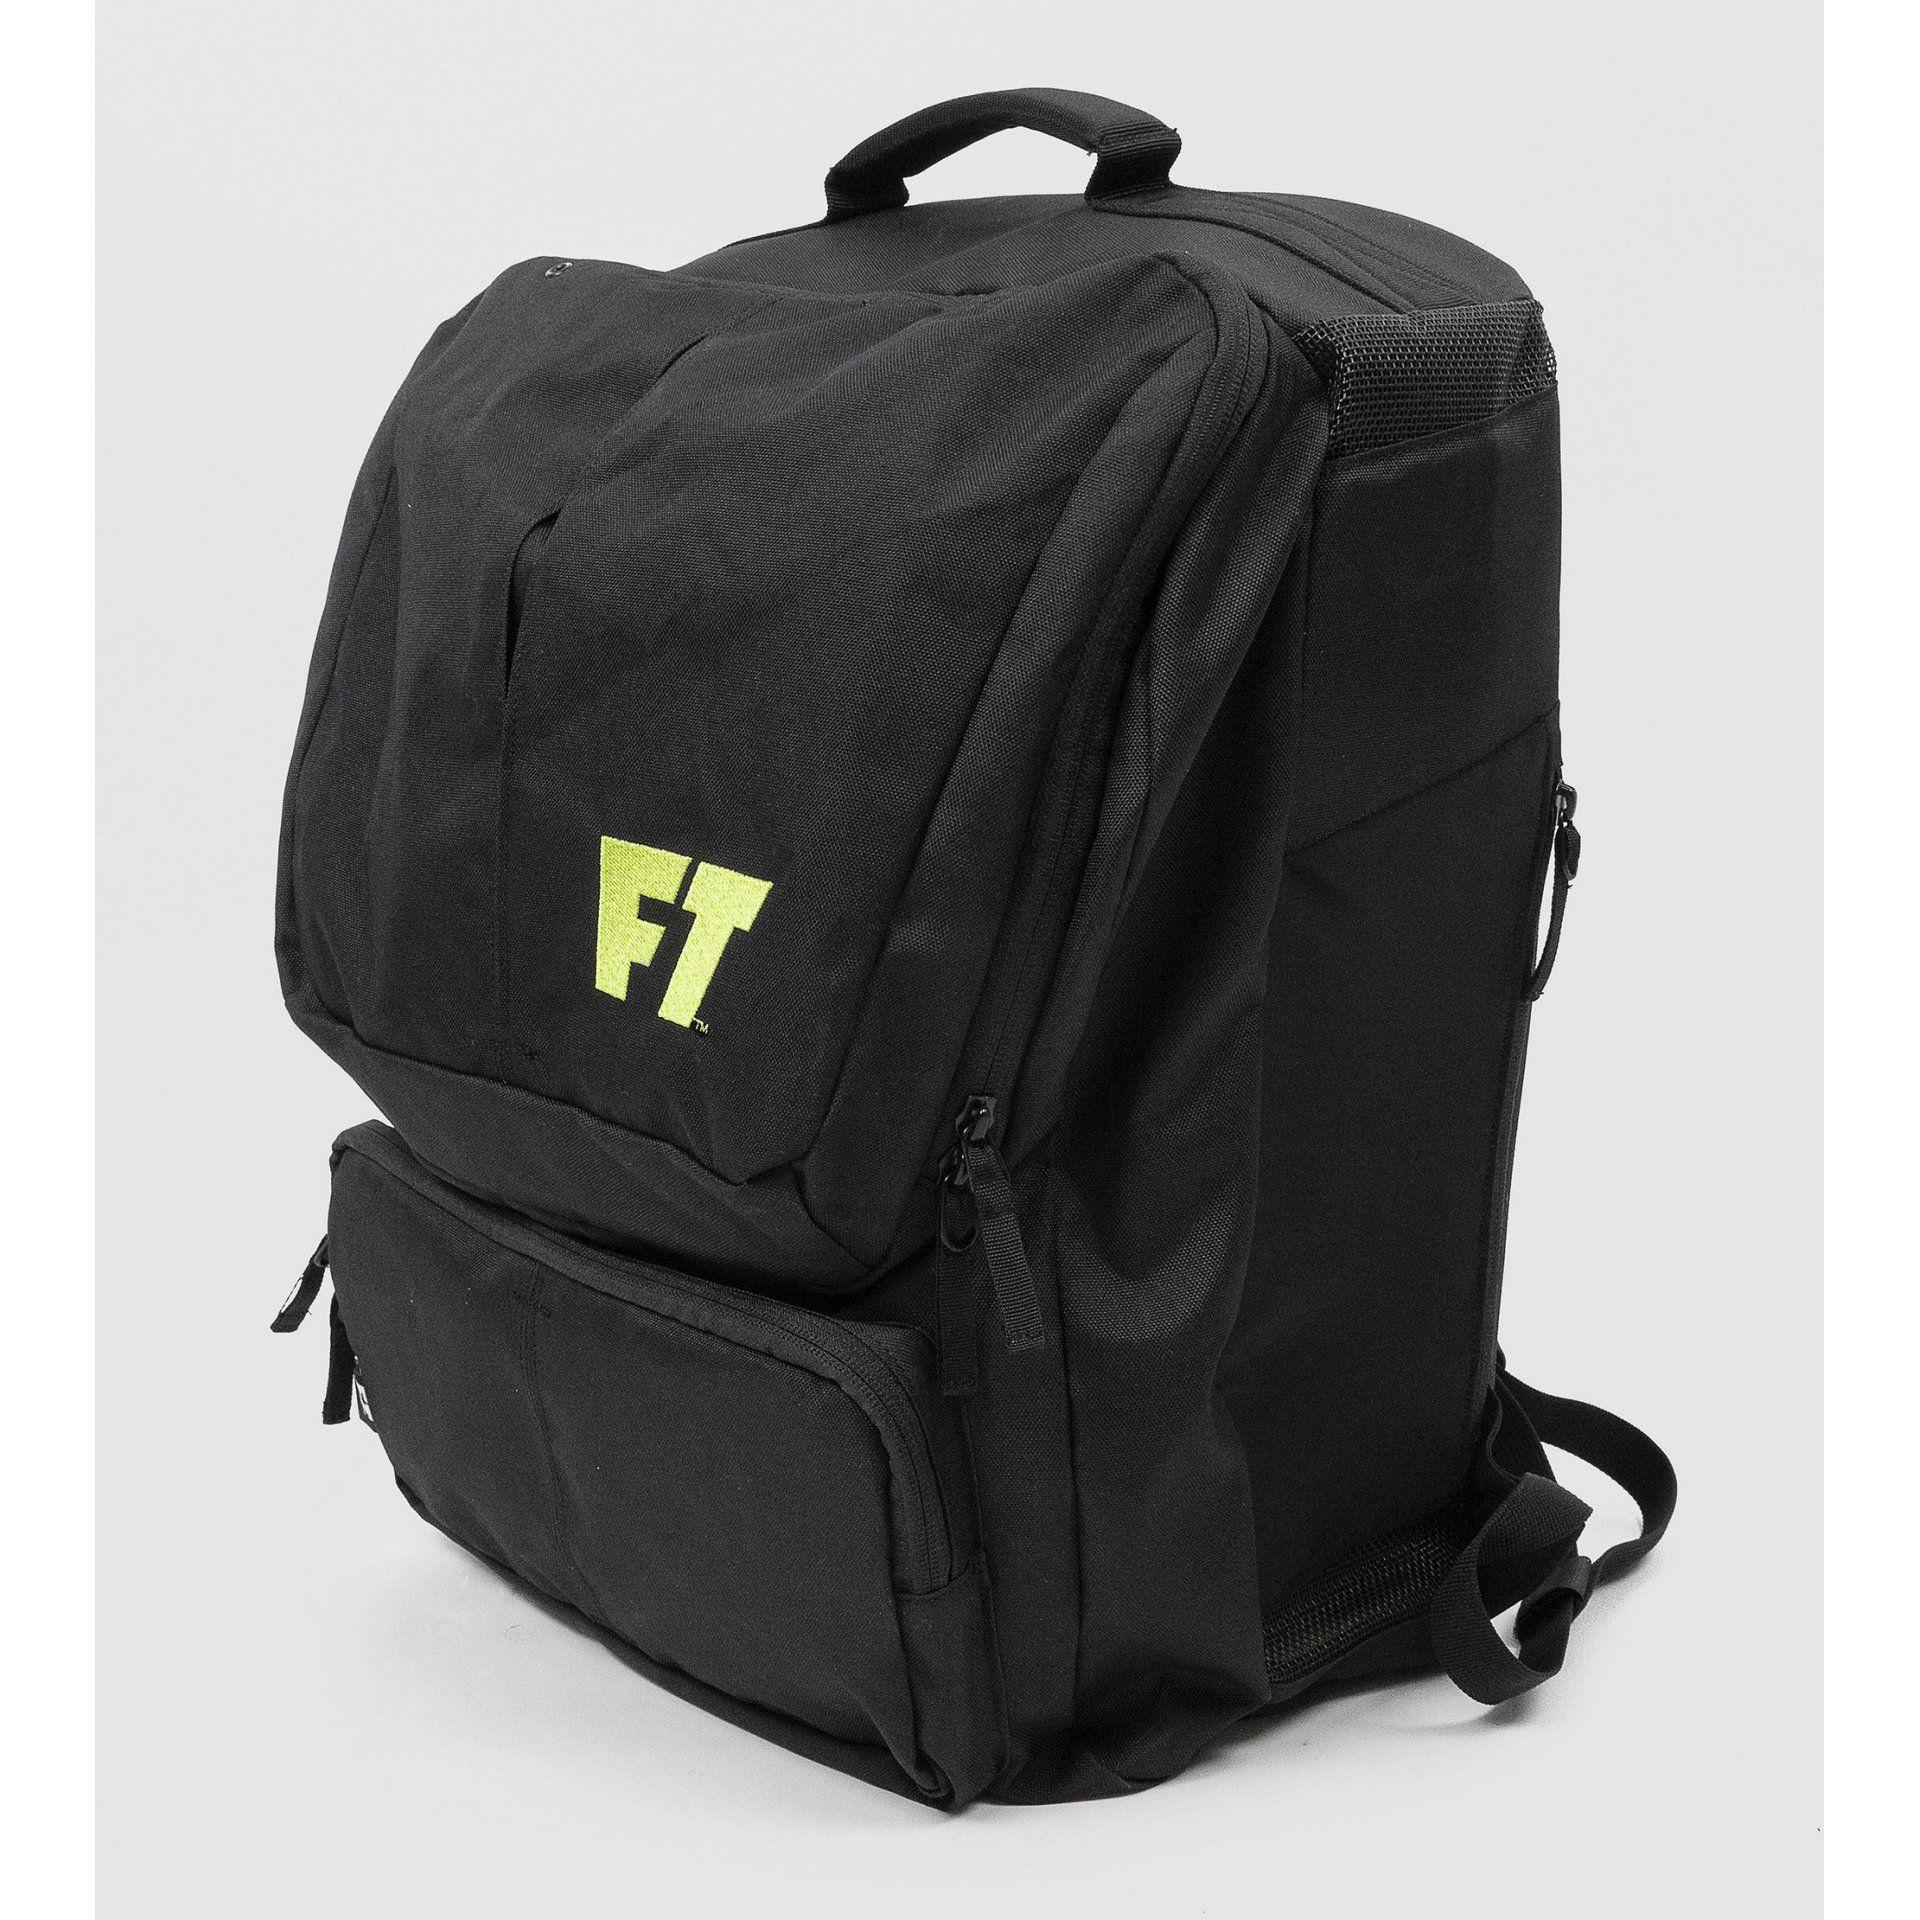 PLECAK NA BUTY I KASK FULL TILT SKI BOOT BAG 22D5000 1